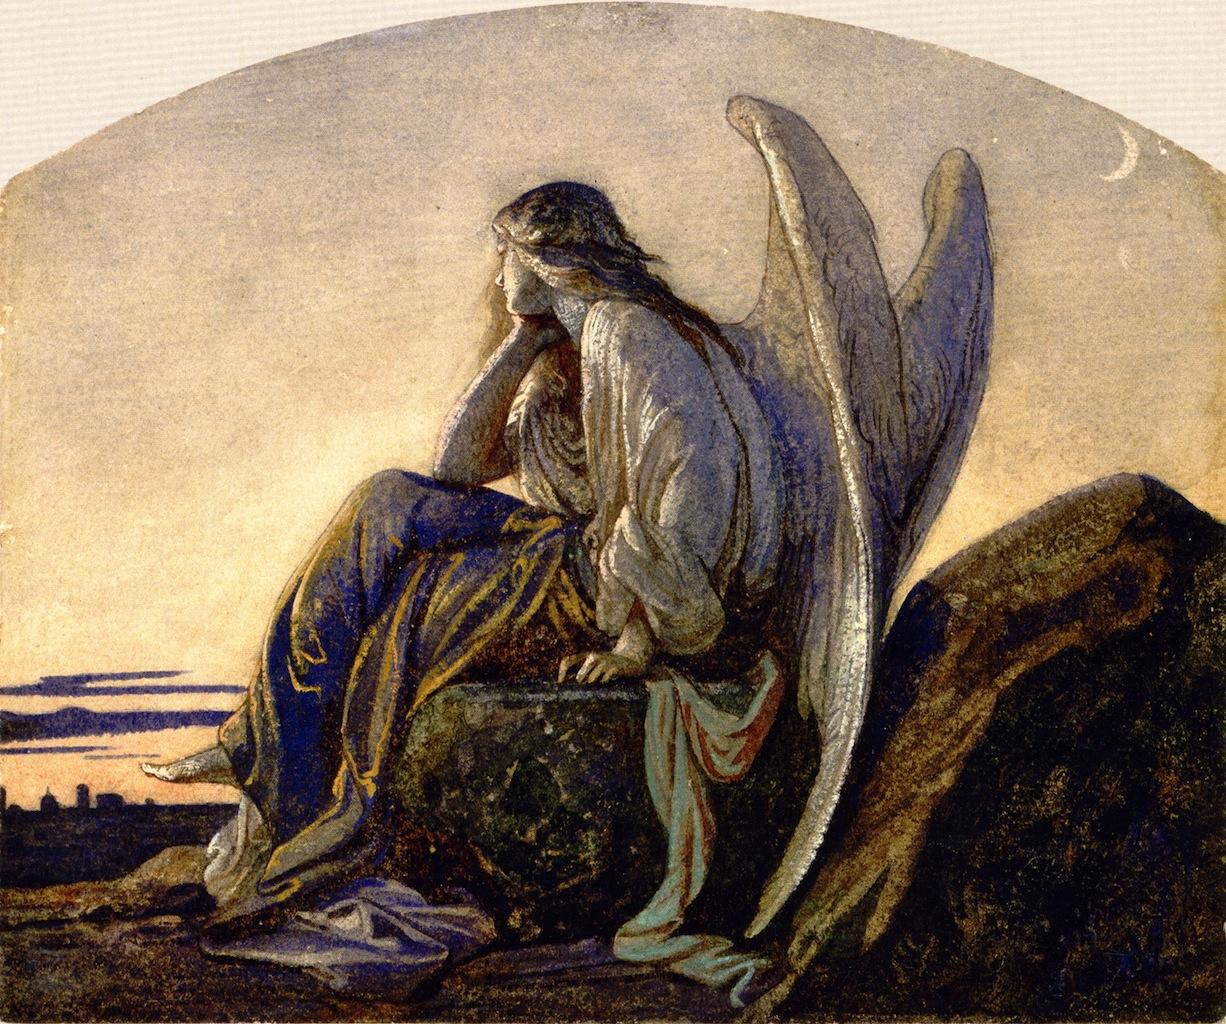 天使の絵画黄昏の天使